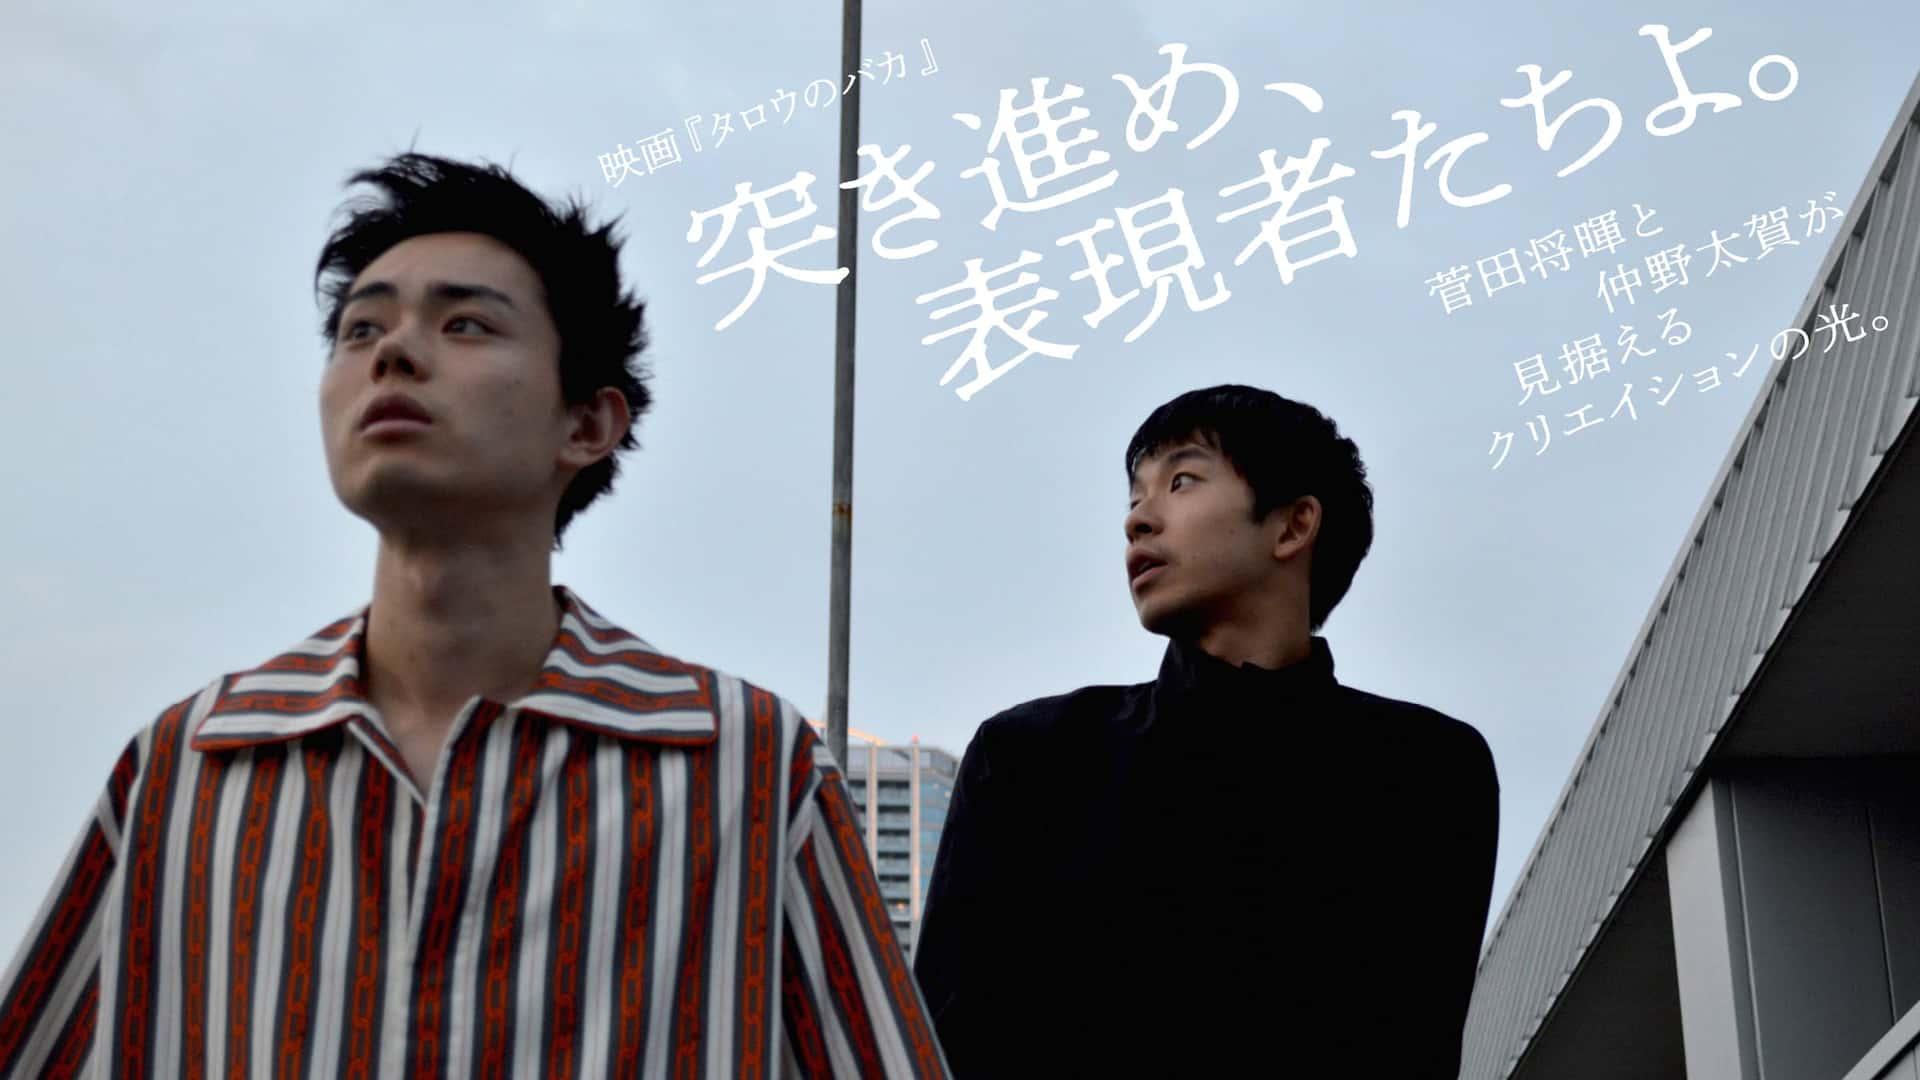 突き進め、表現者たちよ。菅田将暉と仲野太賀が見据えるクリエイションの光。